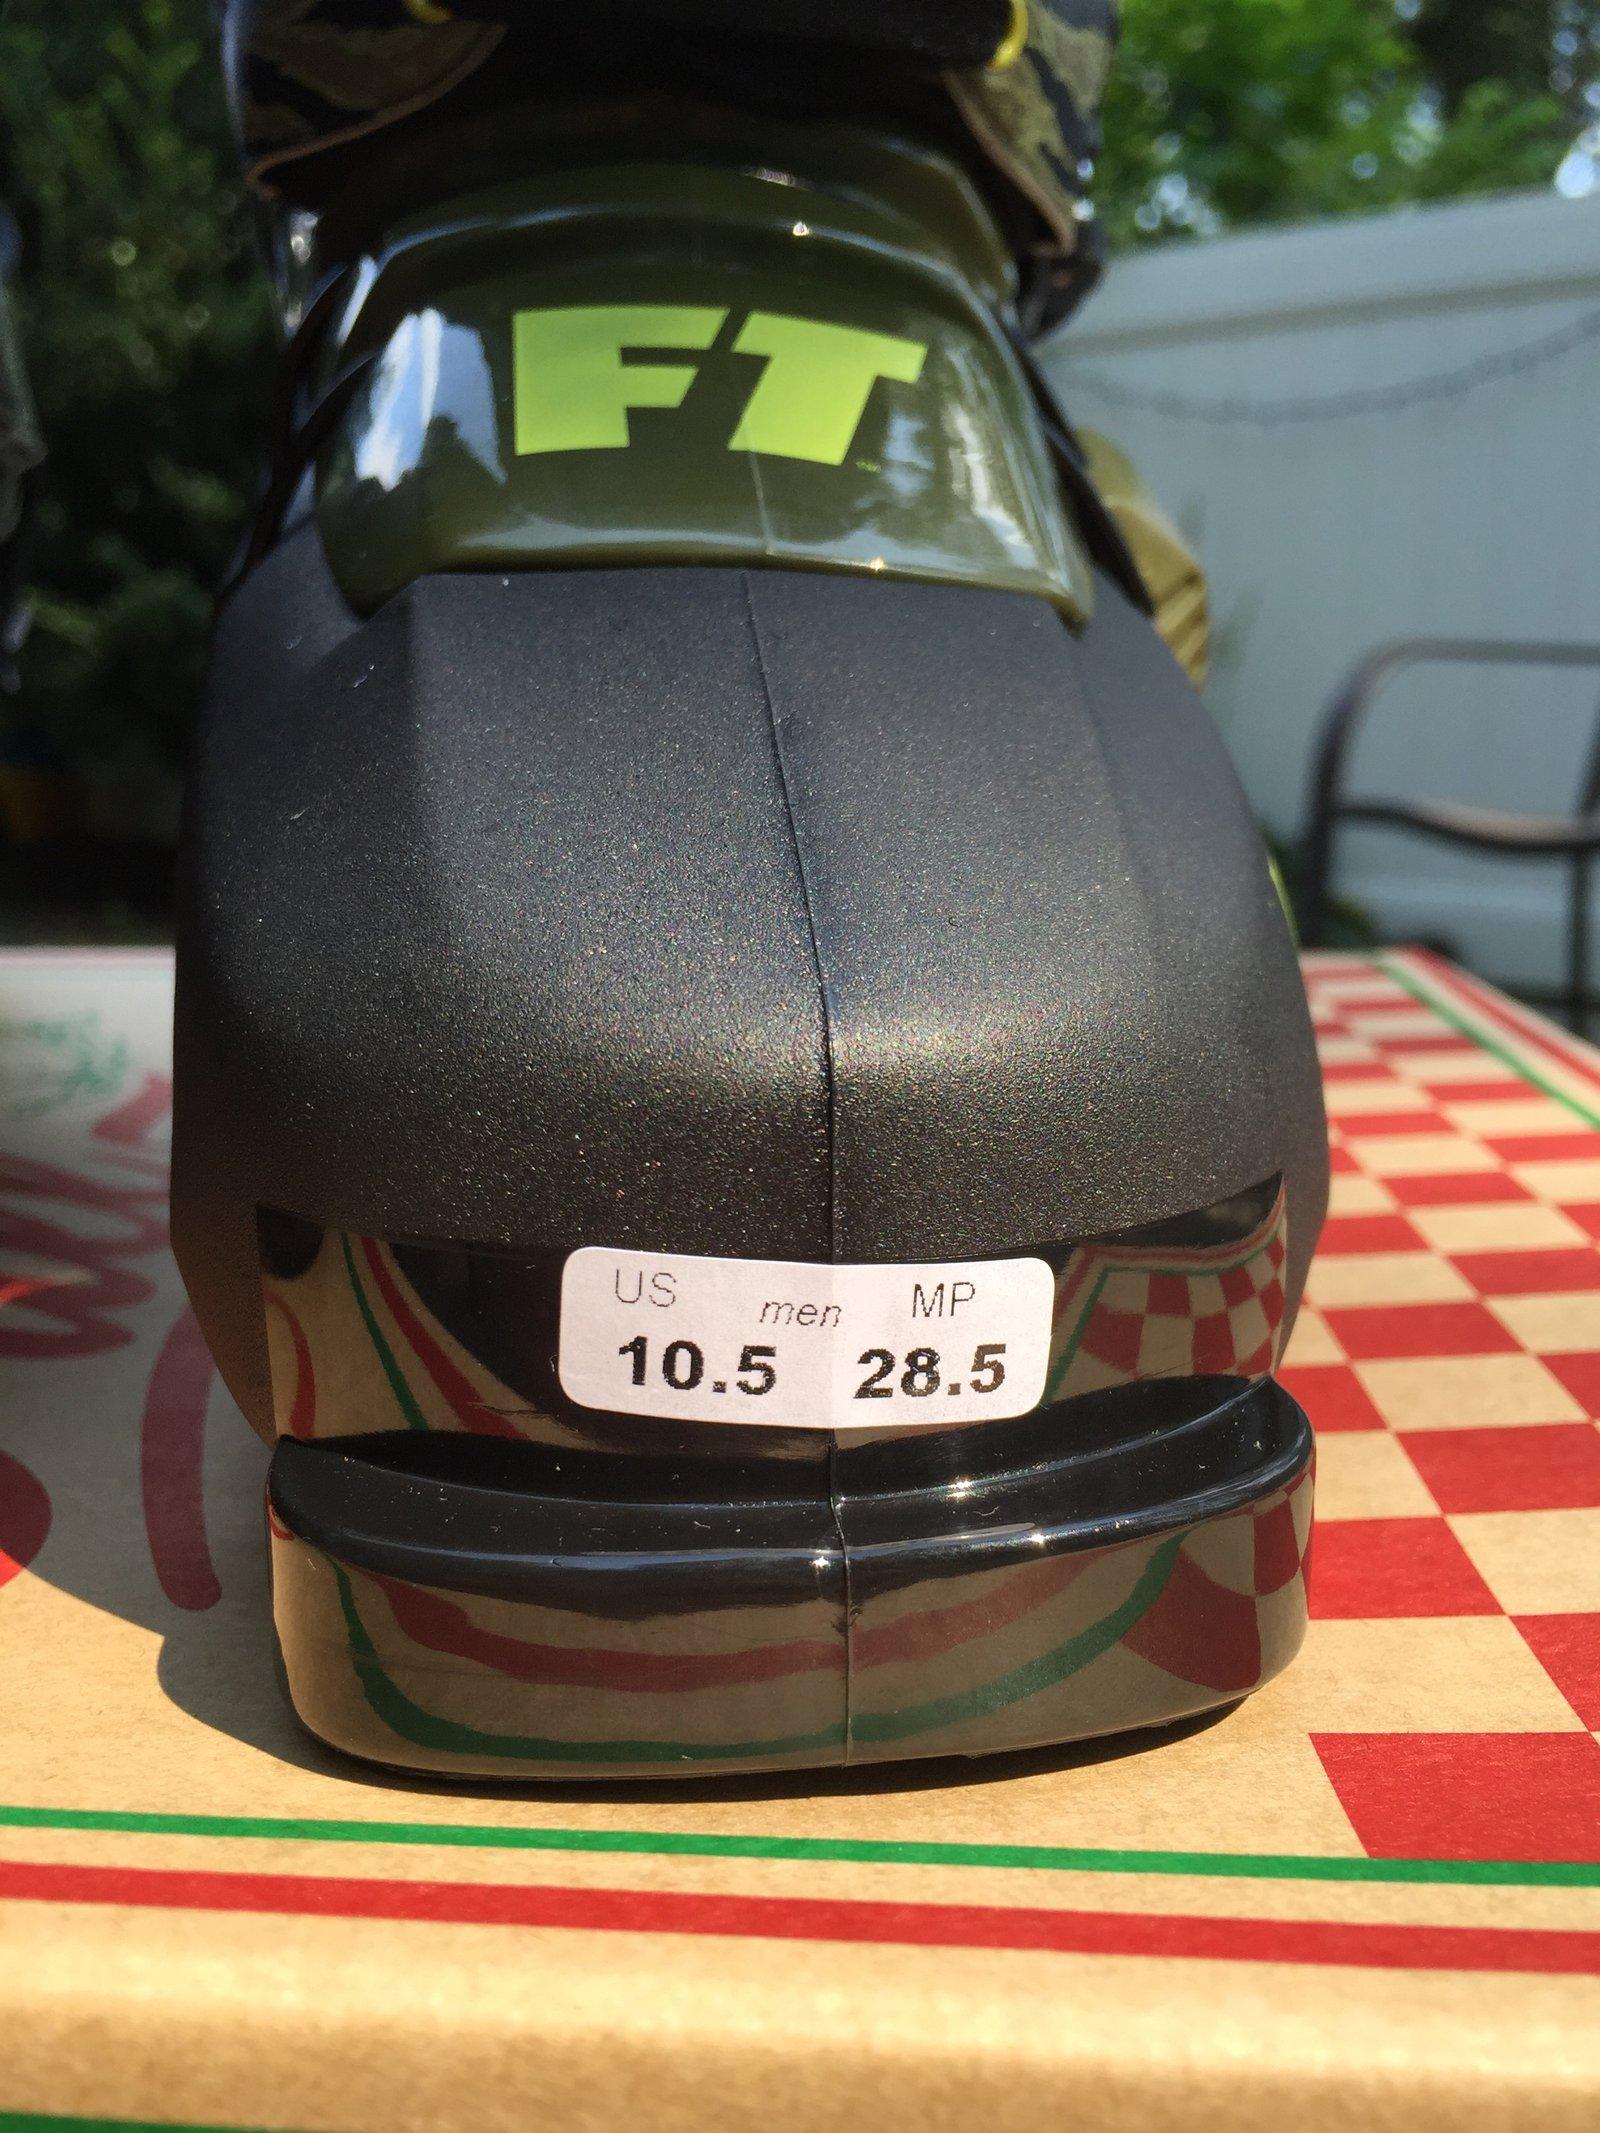 Full Tilt B&E - 28.5